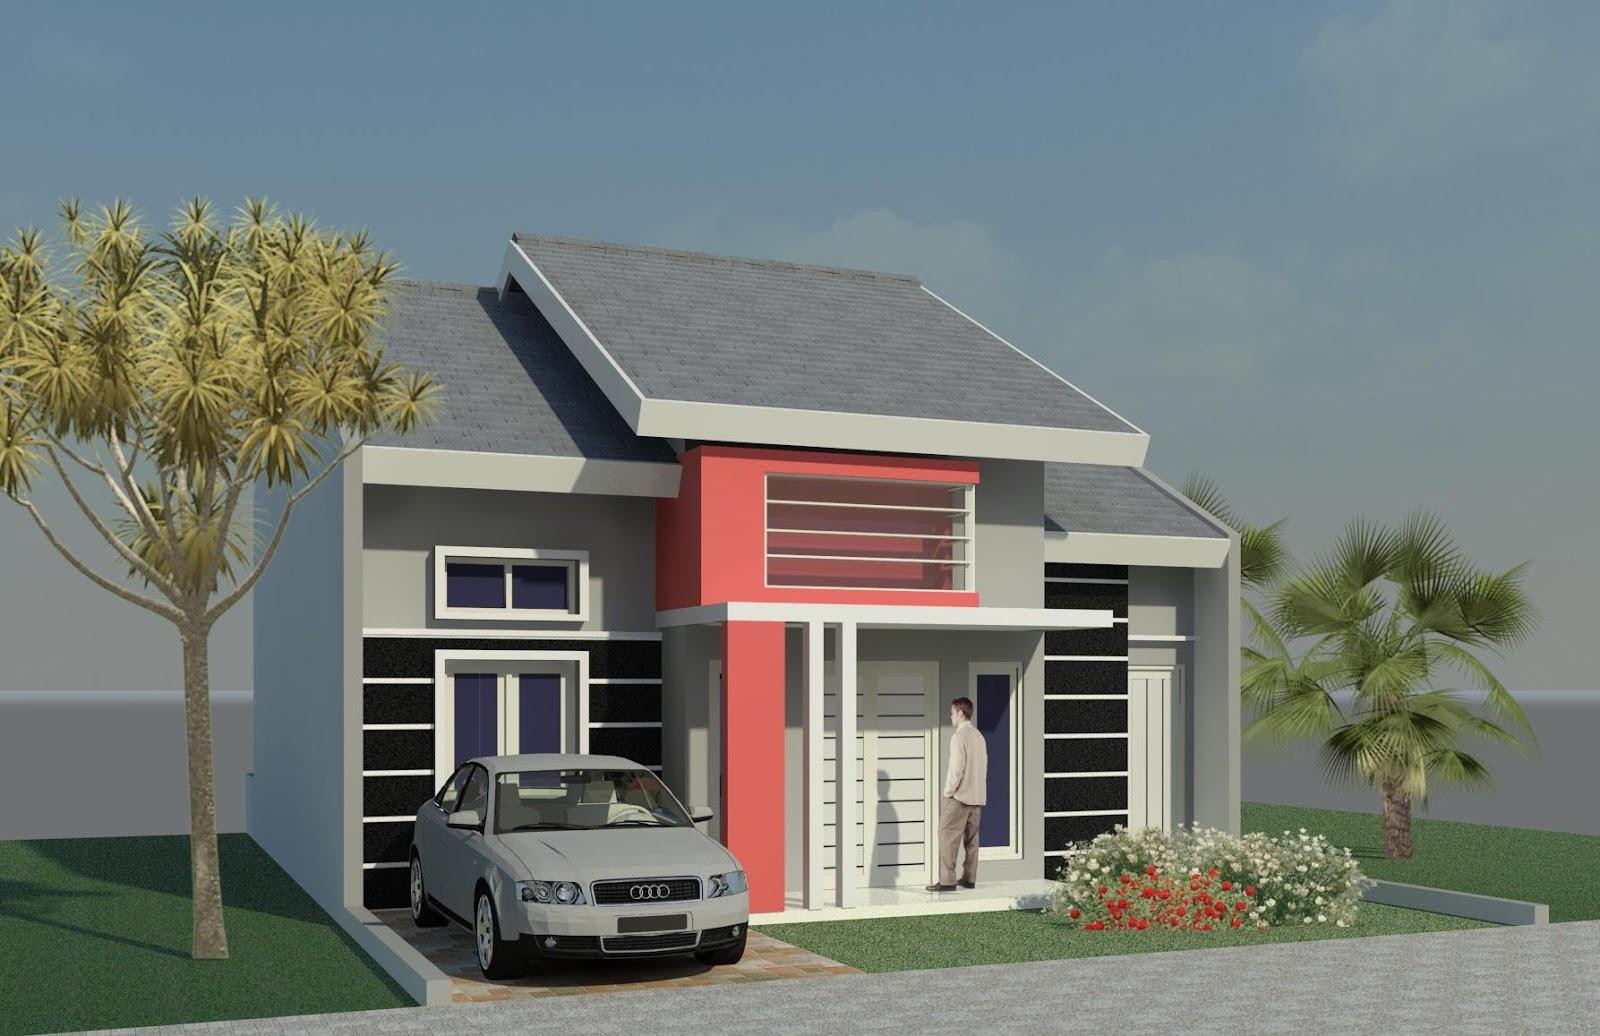 desain rumah minimalis type 21 1 & 2 lantai sederhana